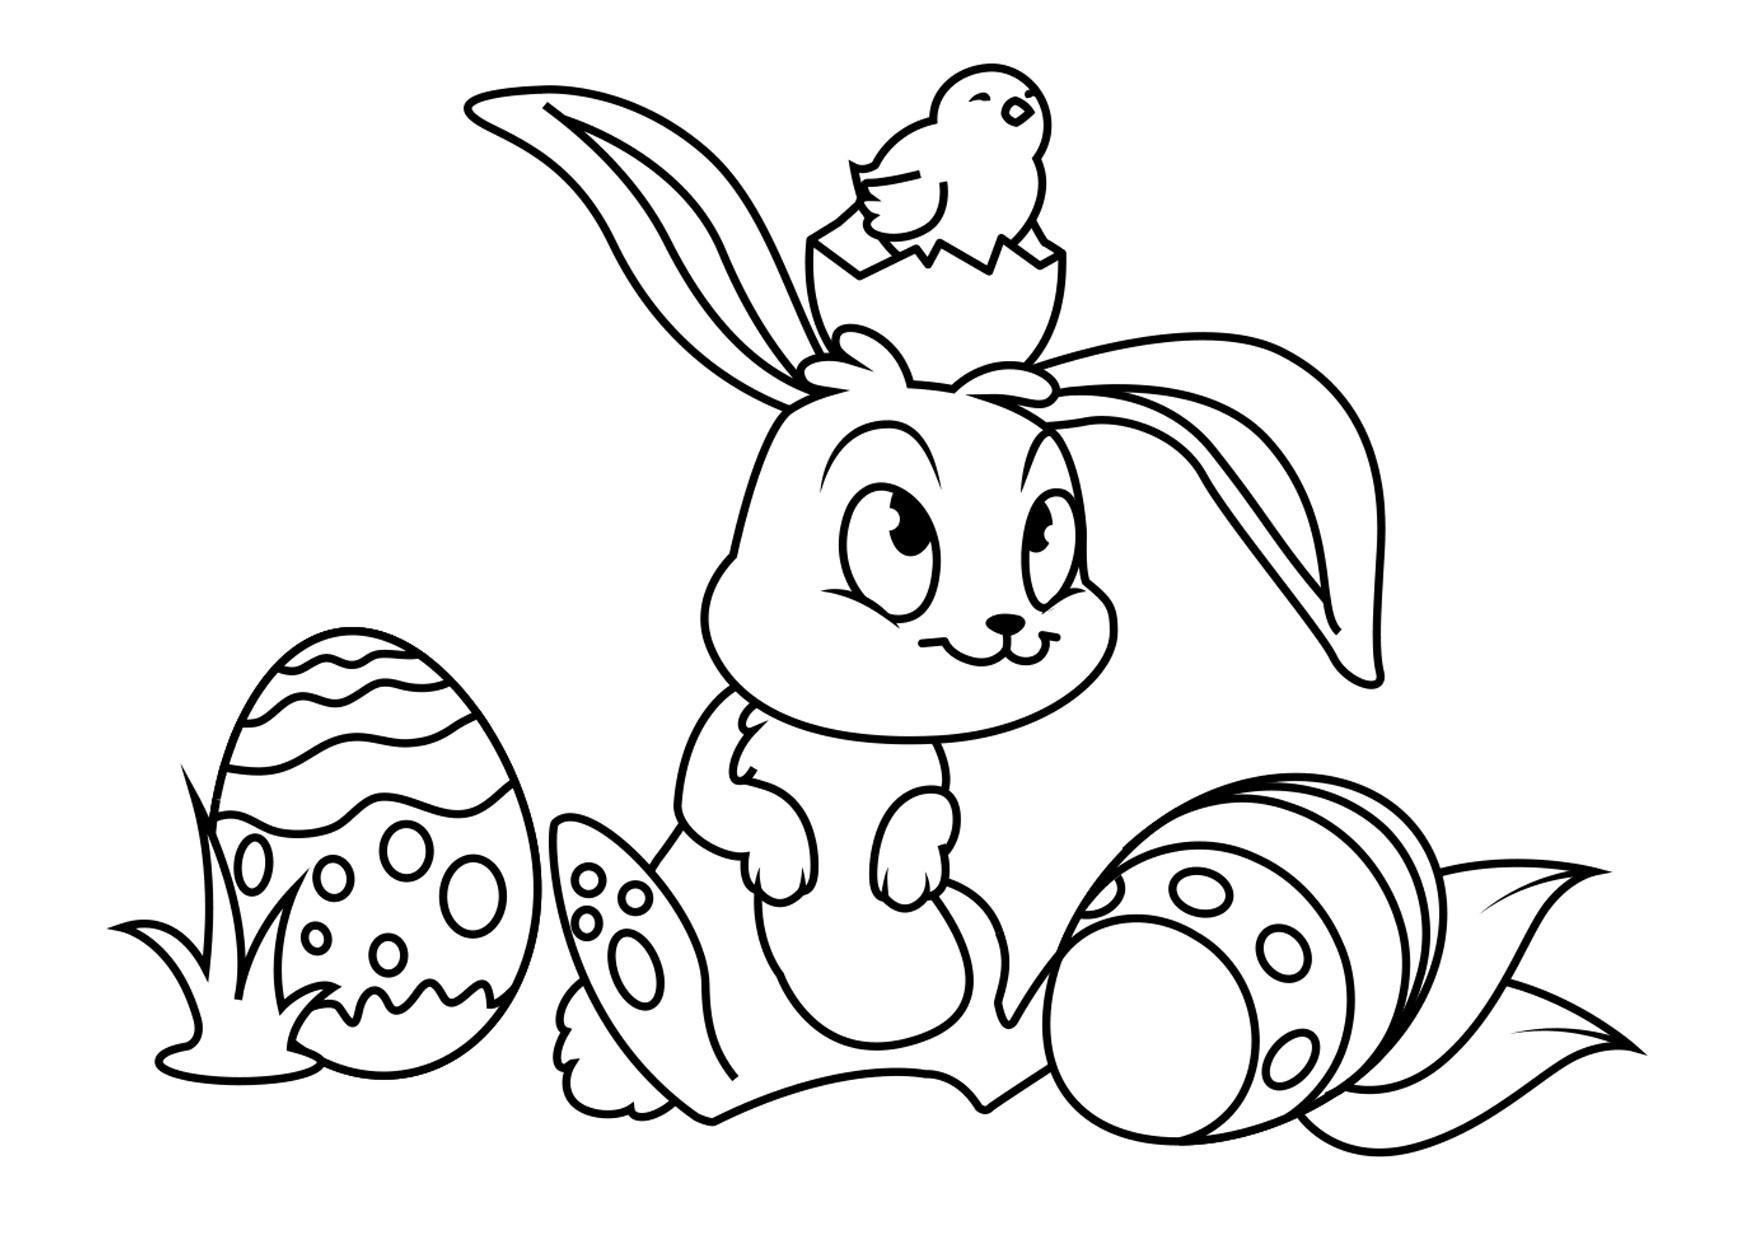 Disegno Da Colorare Coniglietto Di Pasqua Con Il Pulcino Di Pasqua Disegni Da Colorare E Stampare Gratis Imm 30850